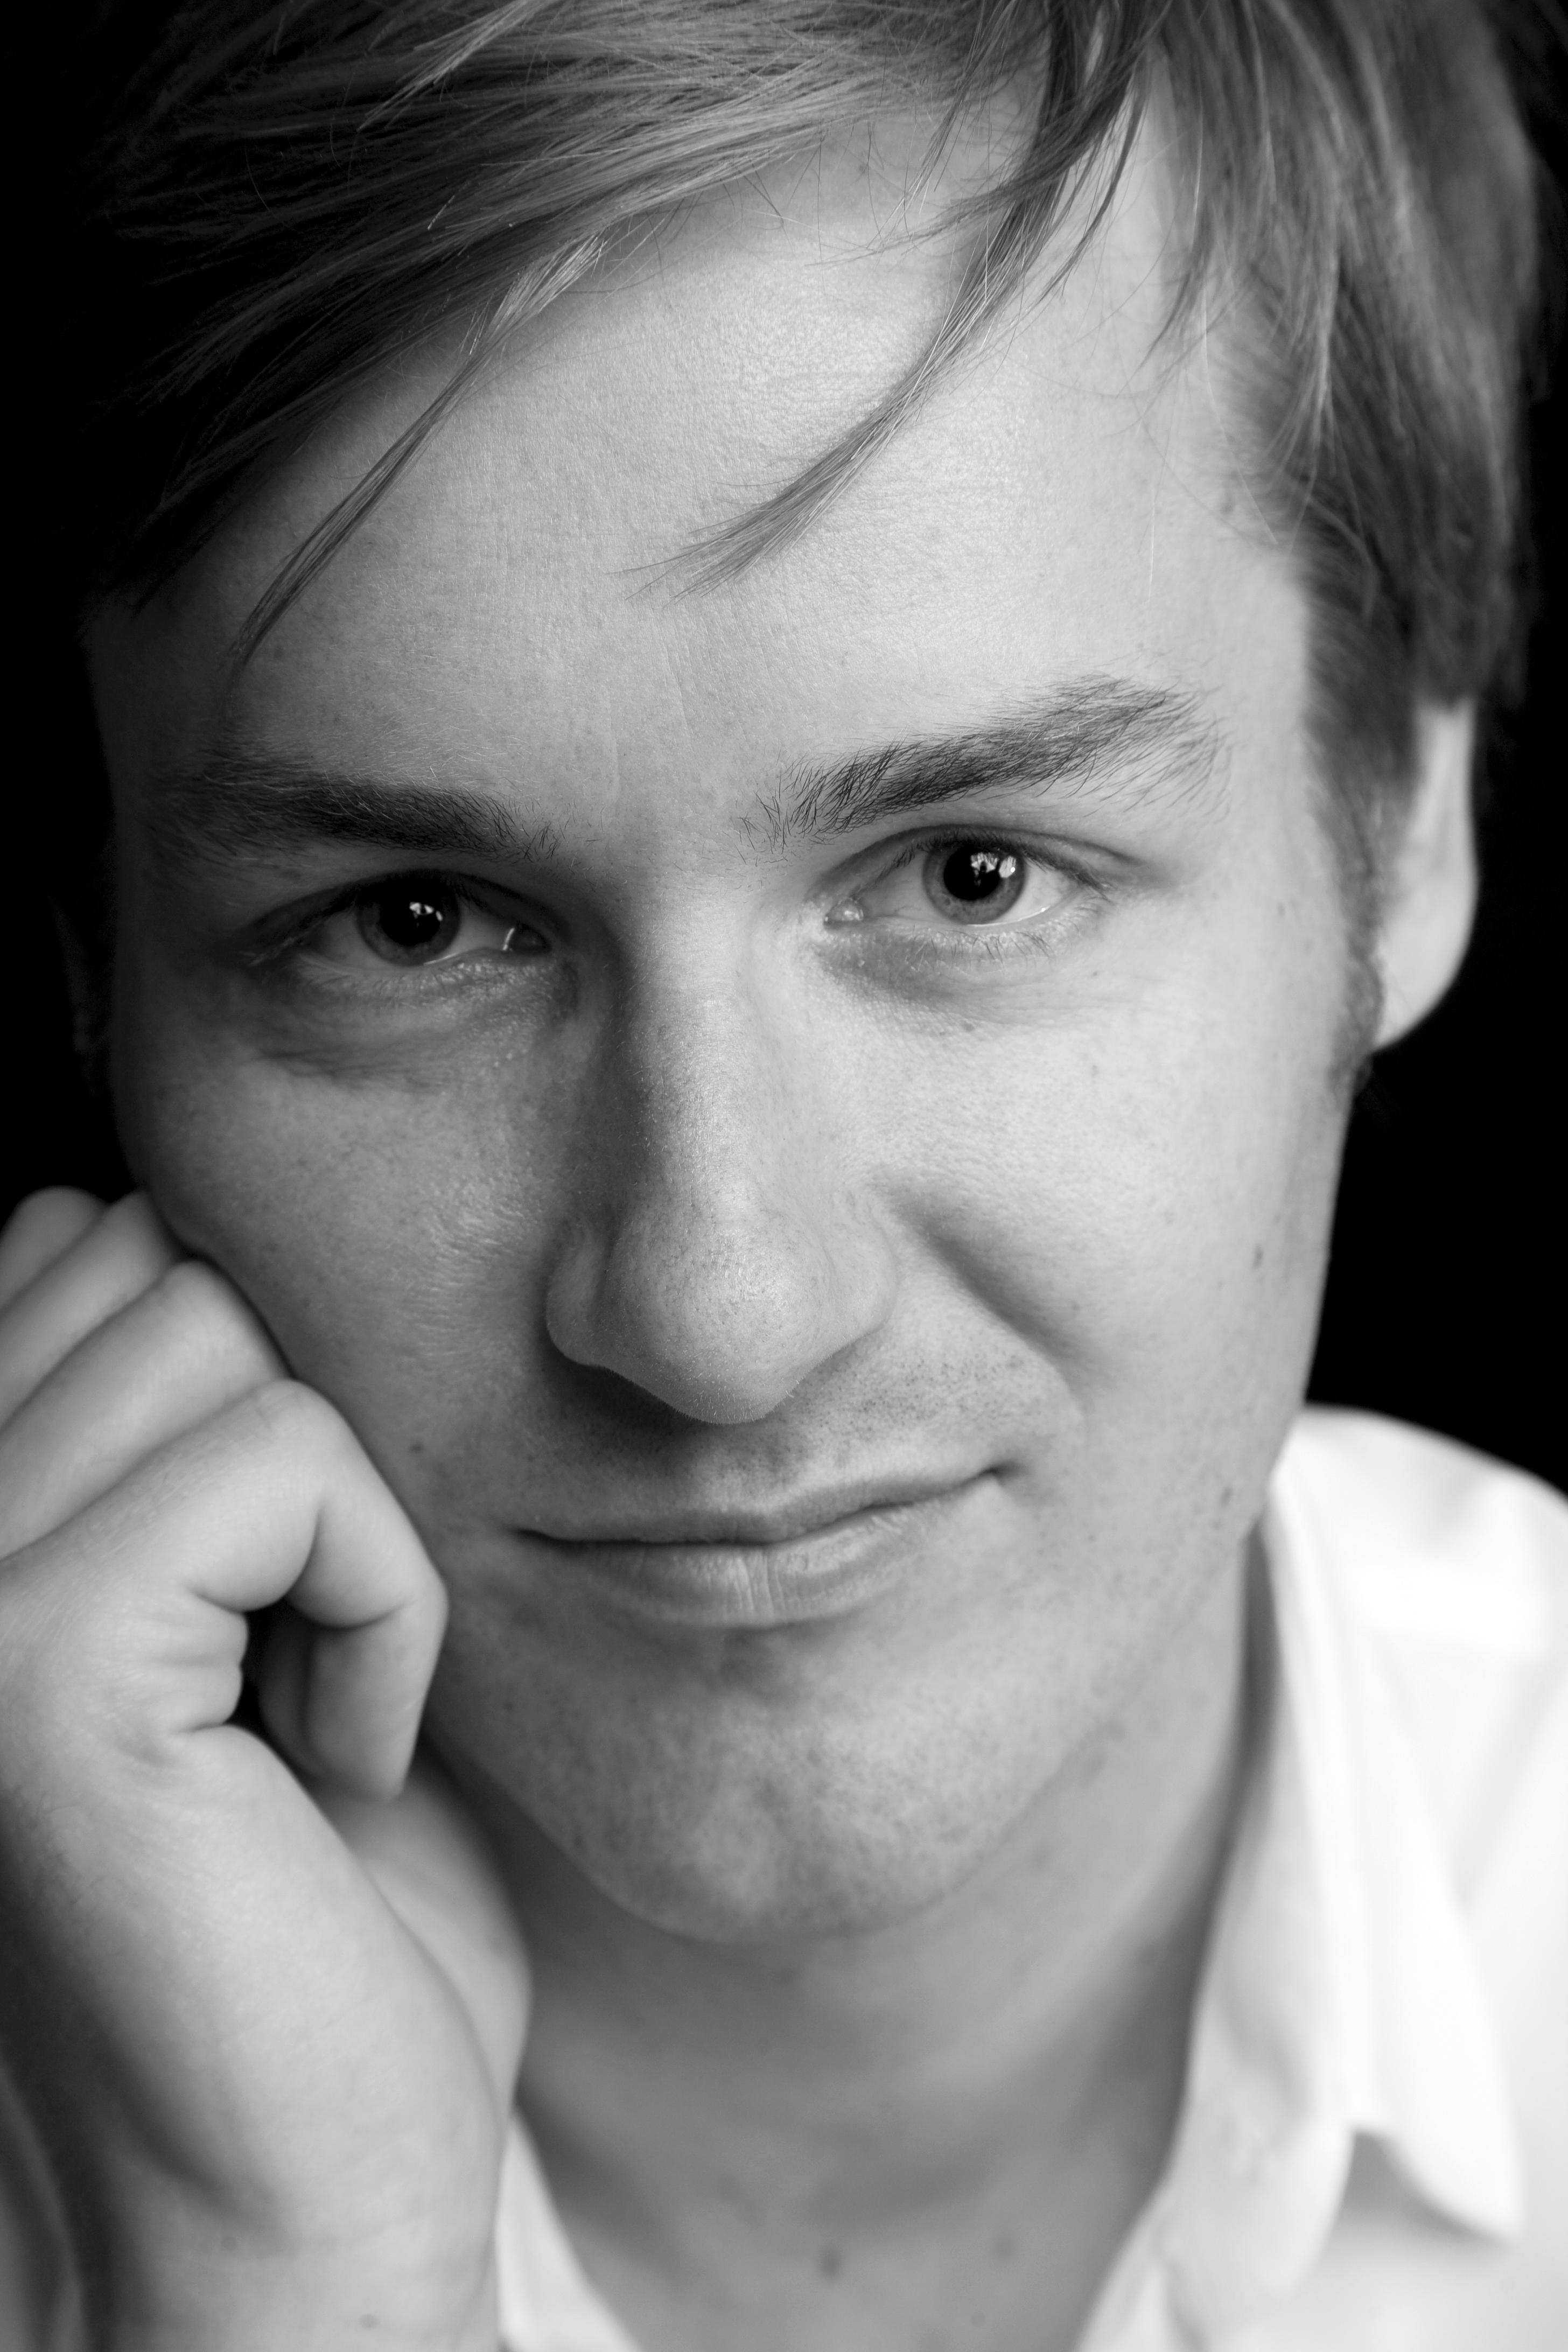 Autorenfoto <b>Jens Petersen</b> © Keiko Saile - jens_klagenfurt1